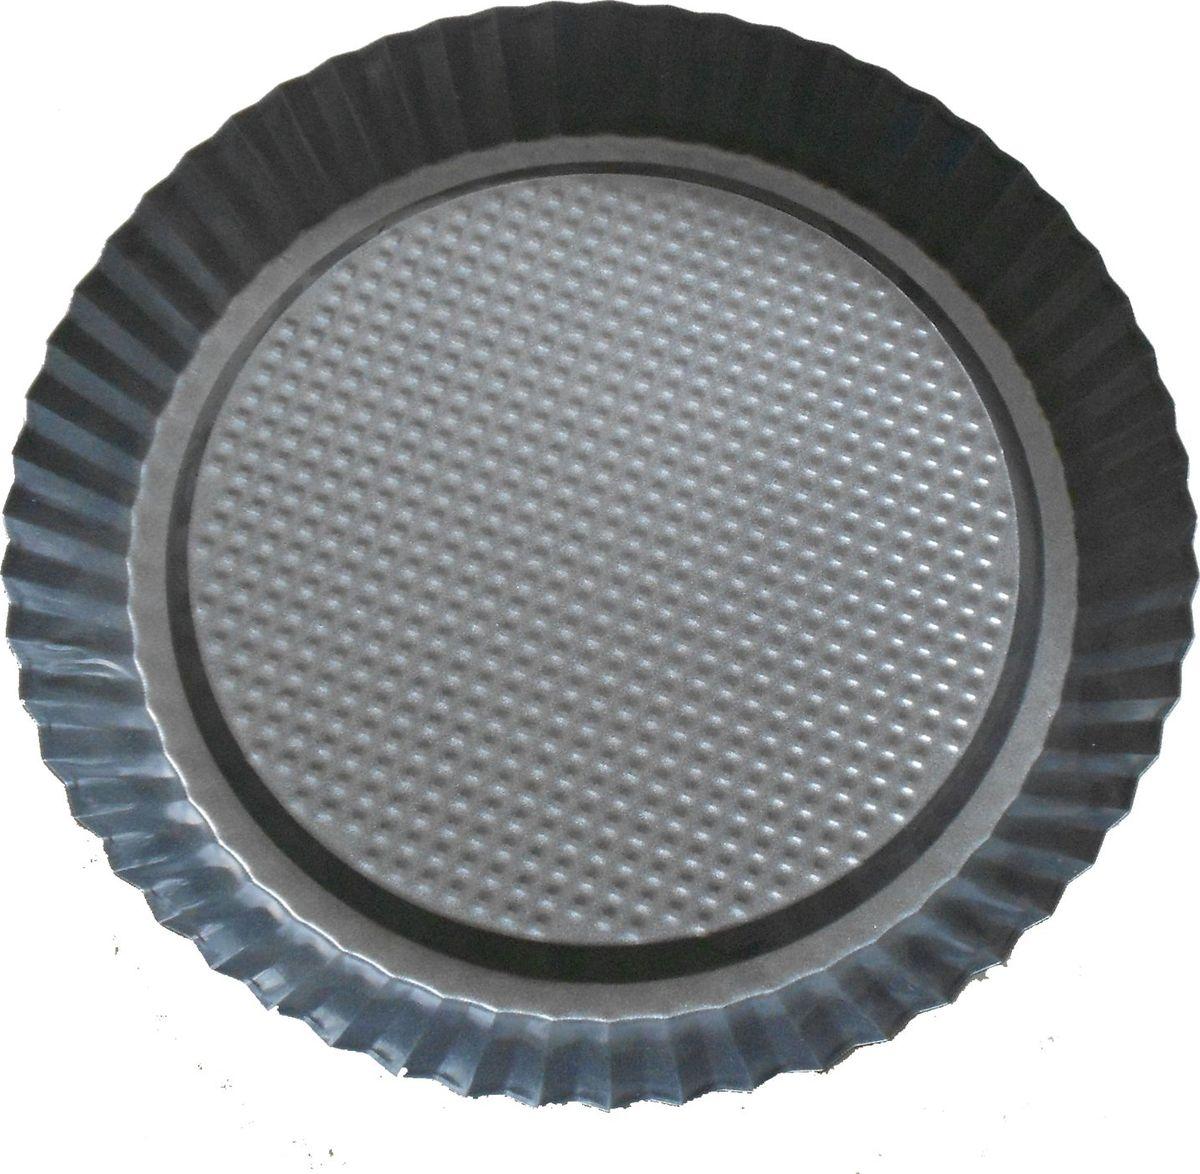 Форма для выпечки Irit, круглая, цвет: черный, 28 х 28 х 3,5 смIRH-936Форма для выпечки Irit изготовлена из листового железа. Форма имеет стойкое к истиранию антипригарное покрытие GOLDFLON. Подходит для использования в газовых и электрических духовках. Можно мыть в посудомоечной машине.